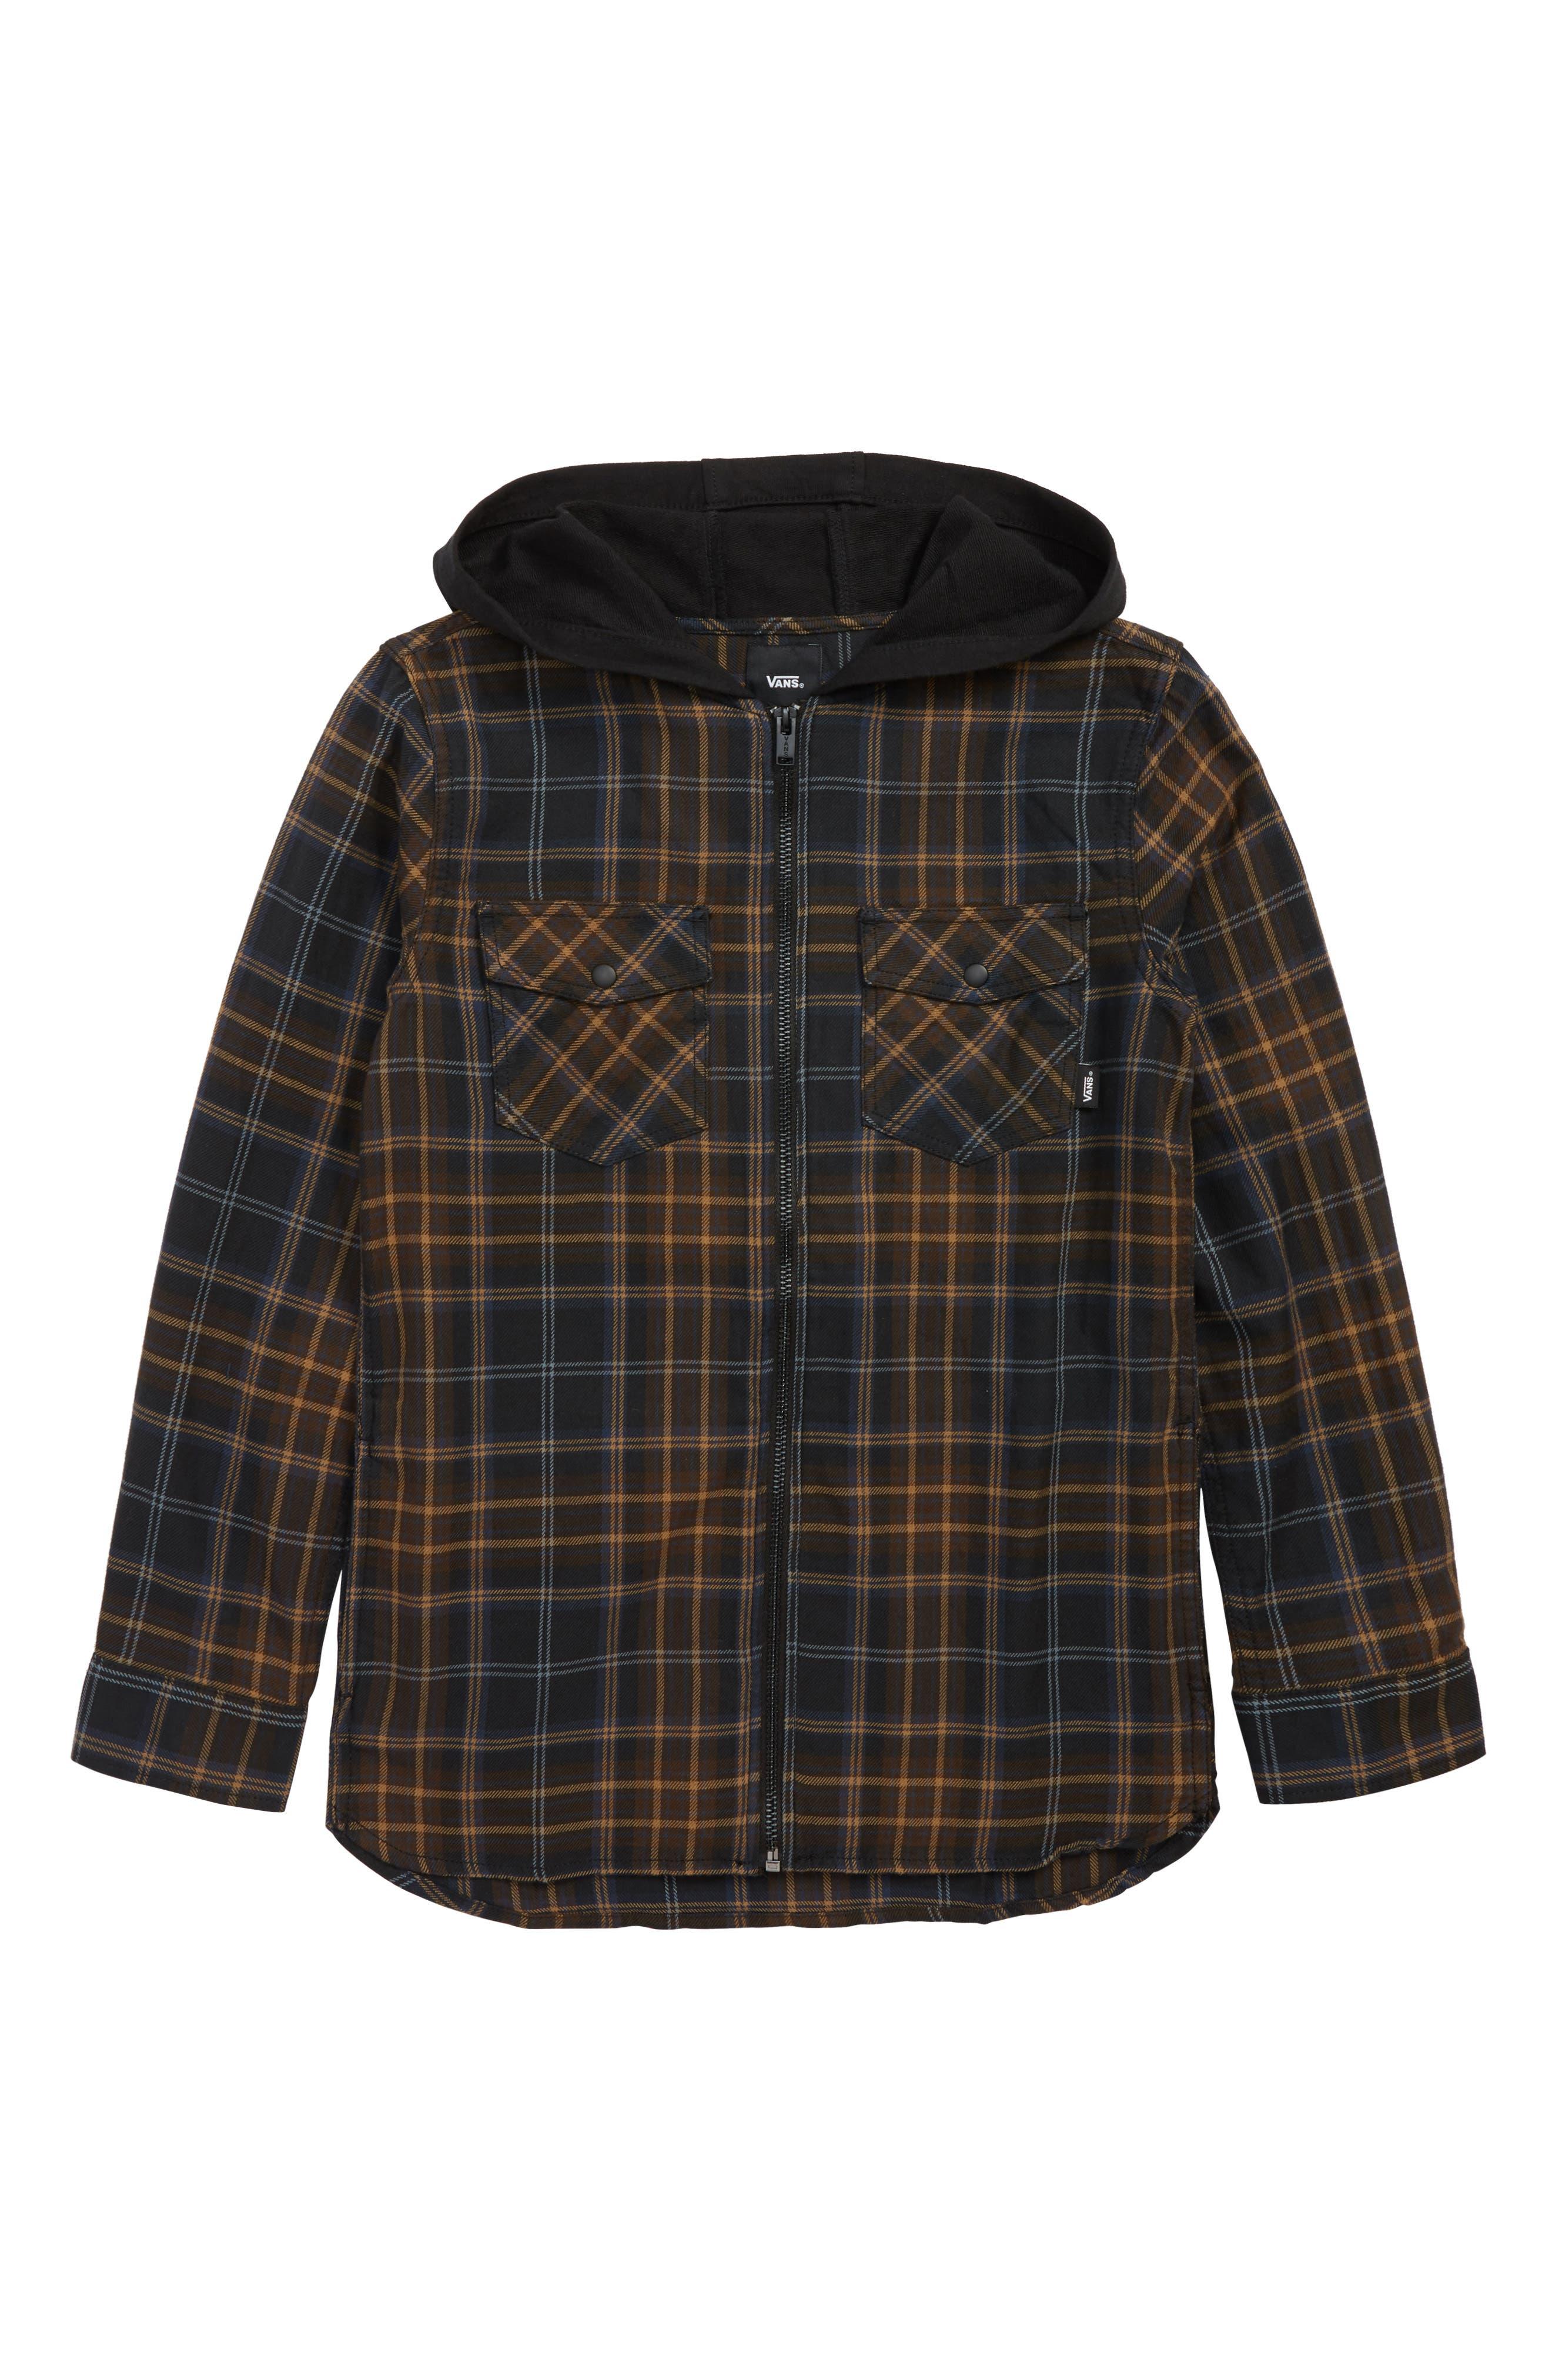 Higgins Zip Flannel Shirt,                         Main,                         color, BLACK DEMITASSE